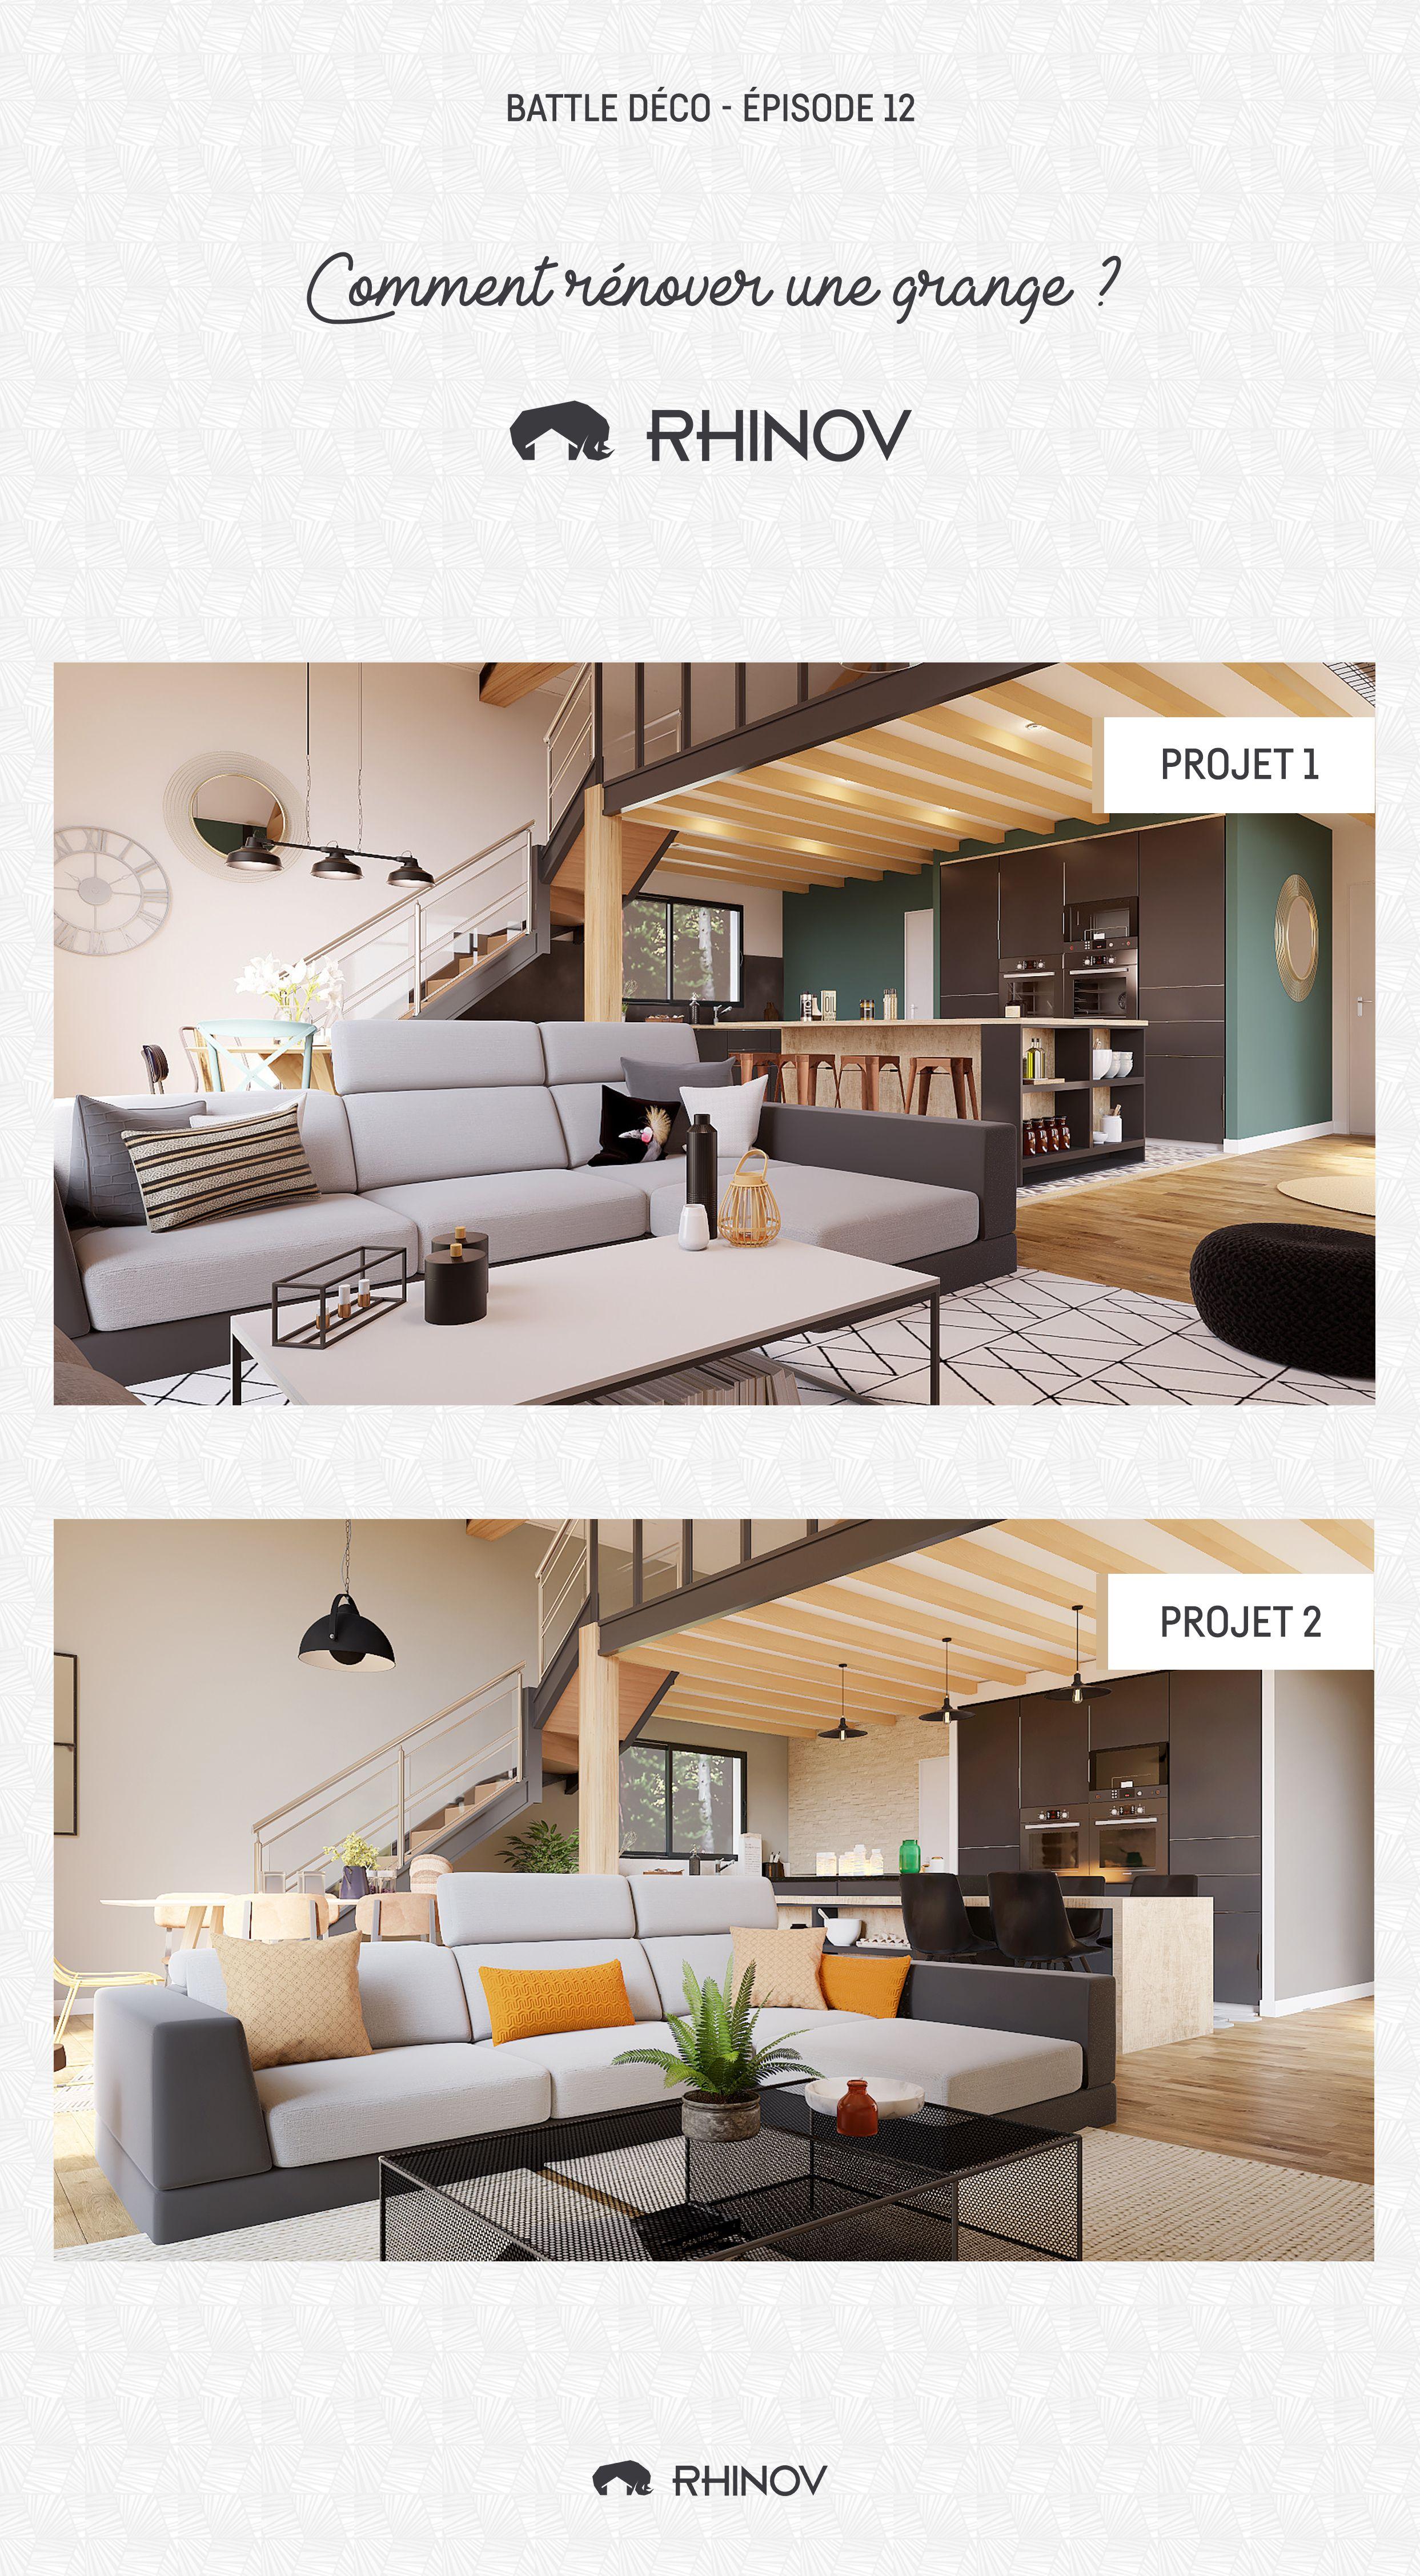 Battle Deco 12 Renovation Grande Style Industriel Moderne Rhinov Decor Salon Maison Deco Decoration Maison